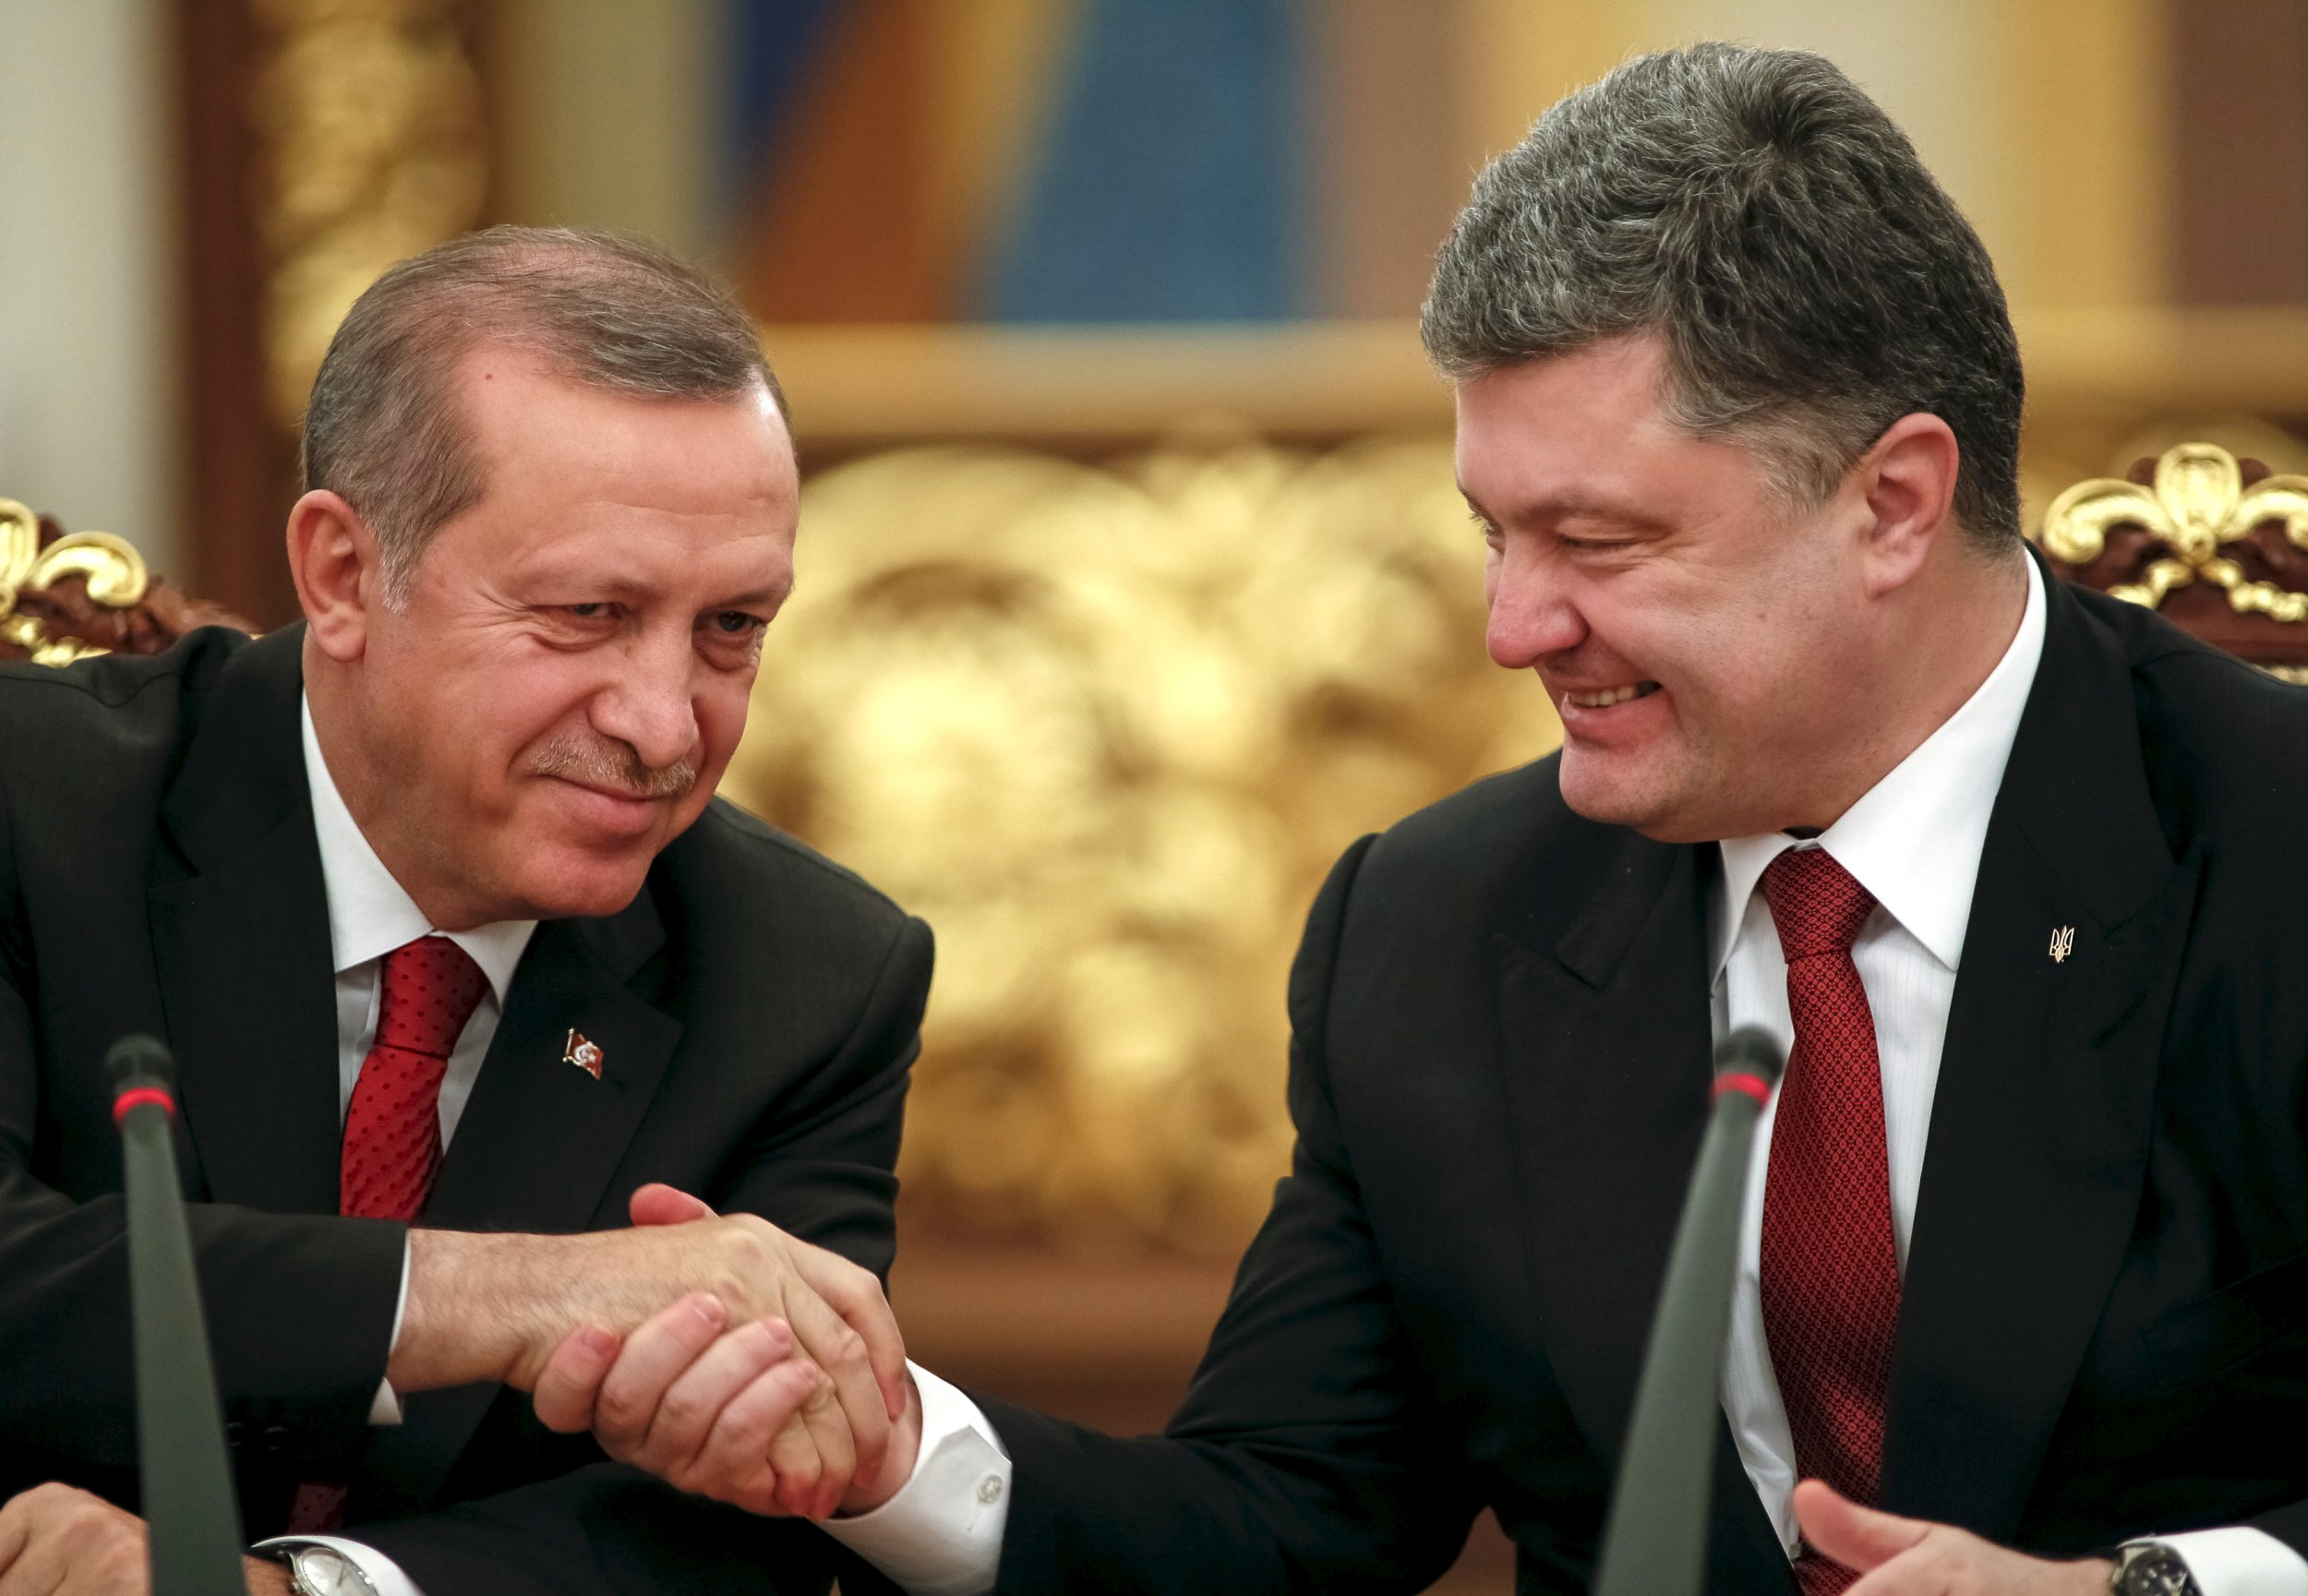 Erdogan and Poroshenko shake hands